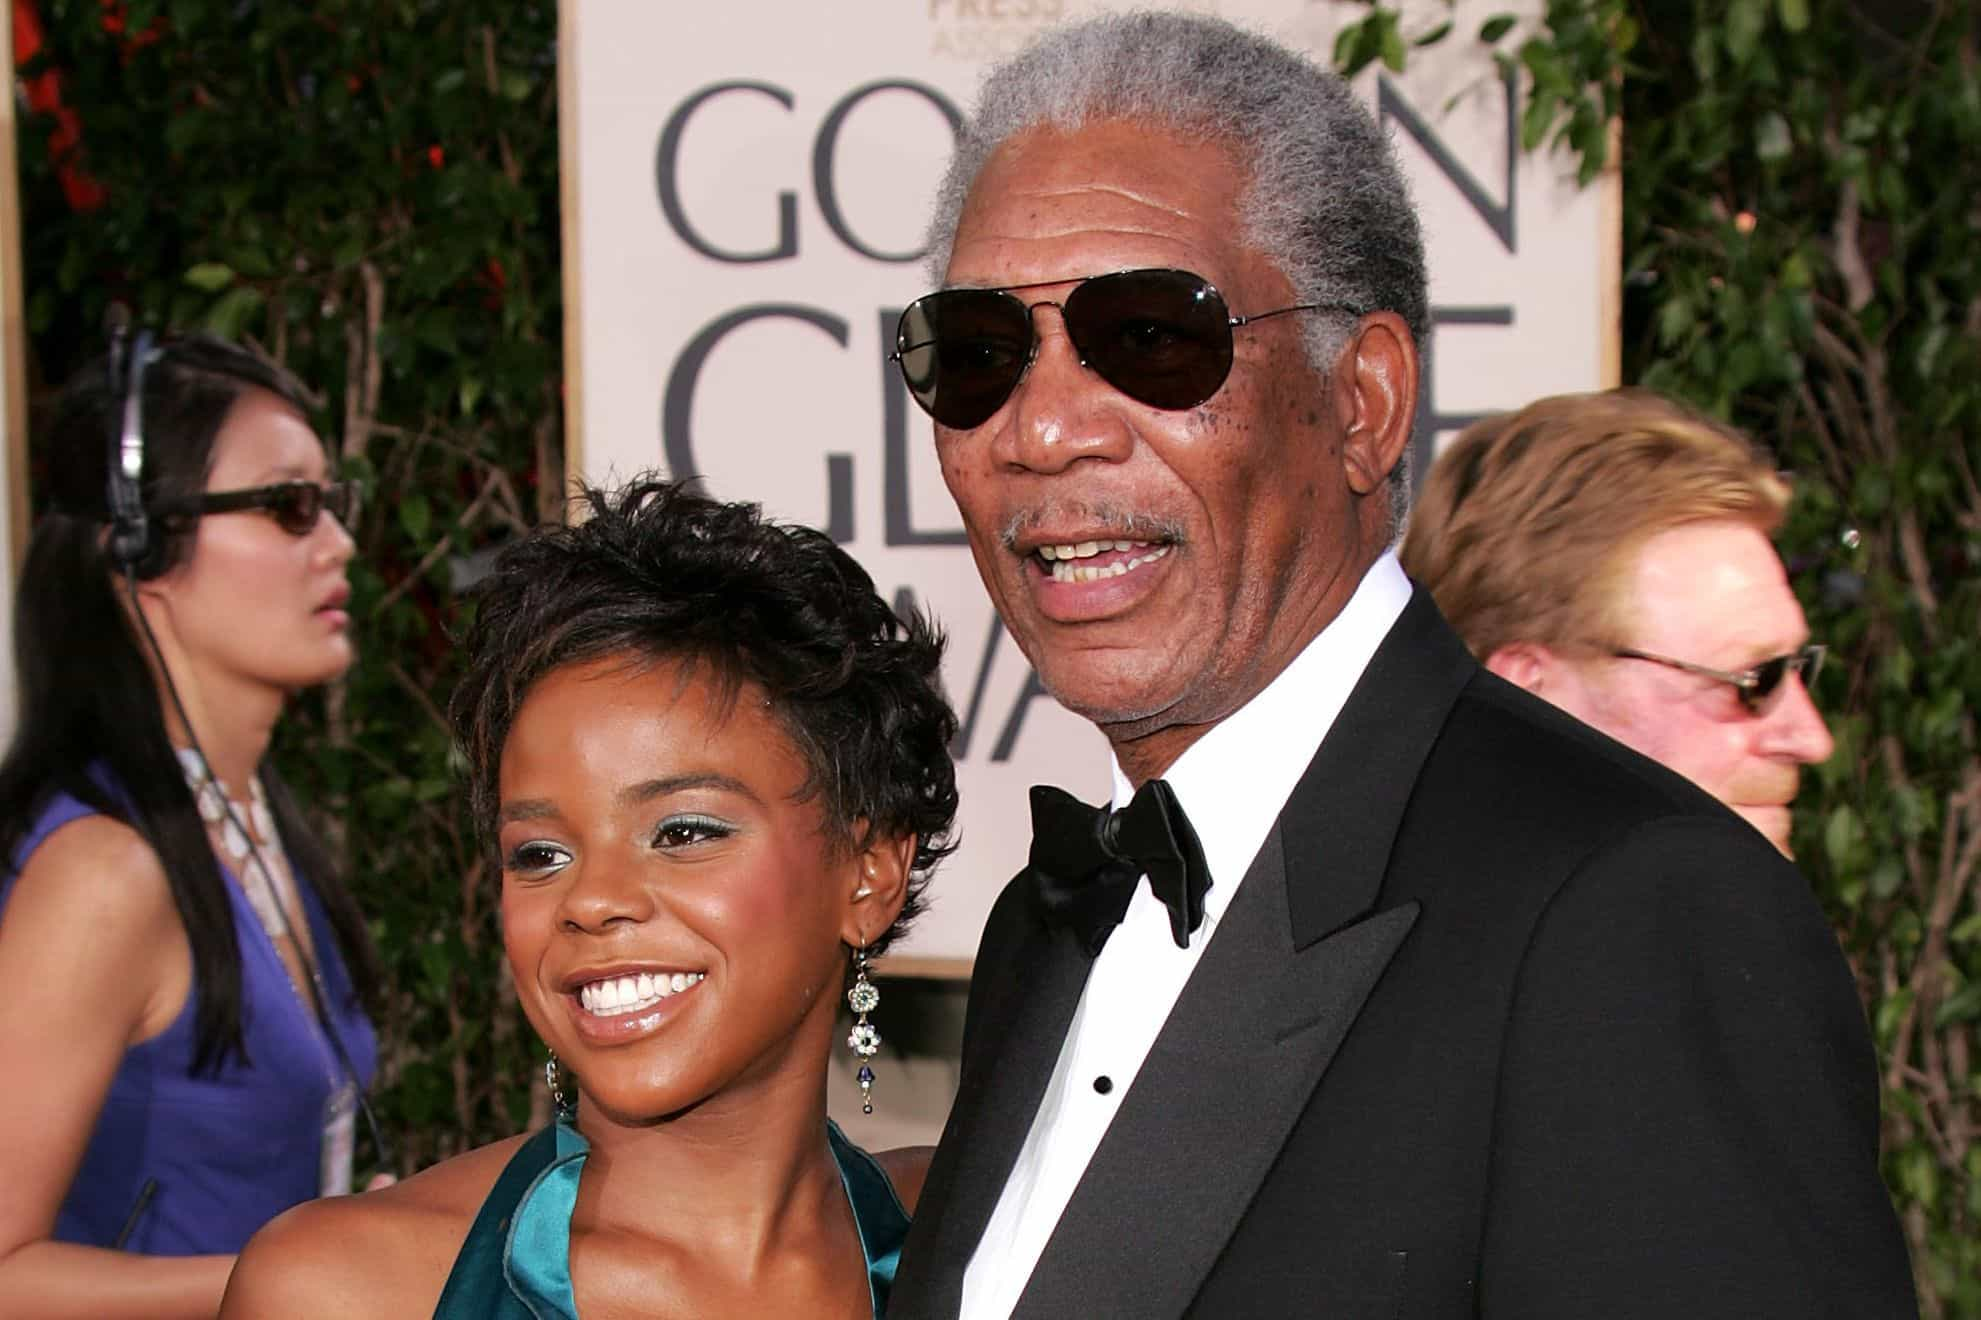 Assassino da neta de Morgan Freeman condenado a 20 anos de cadeia